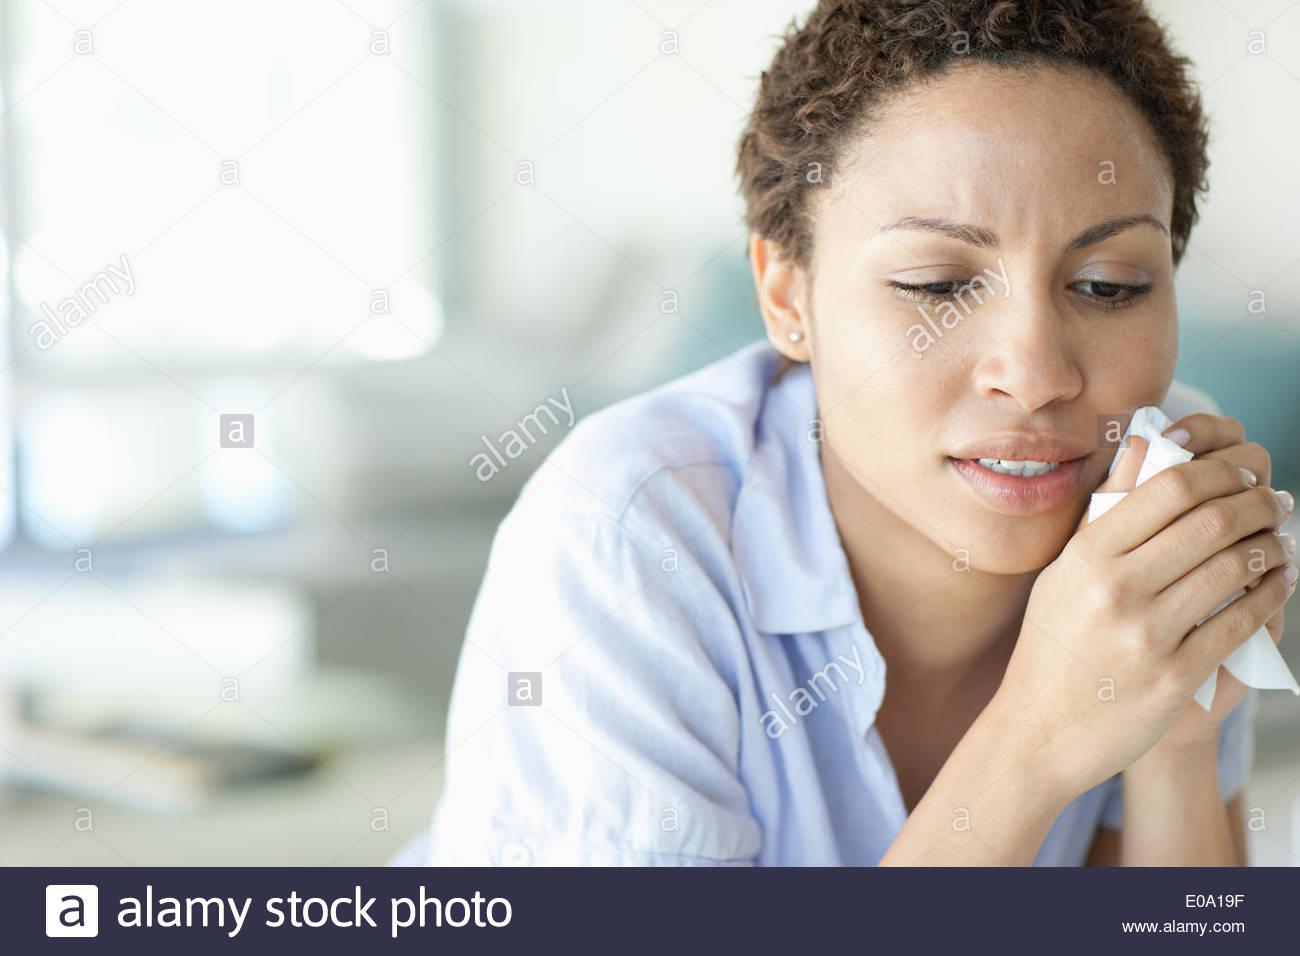 Llorar mujer sosteniendo el tejido Imagen De Stock